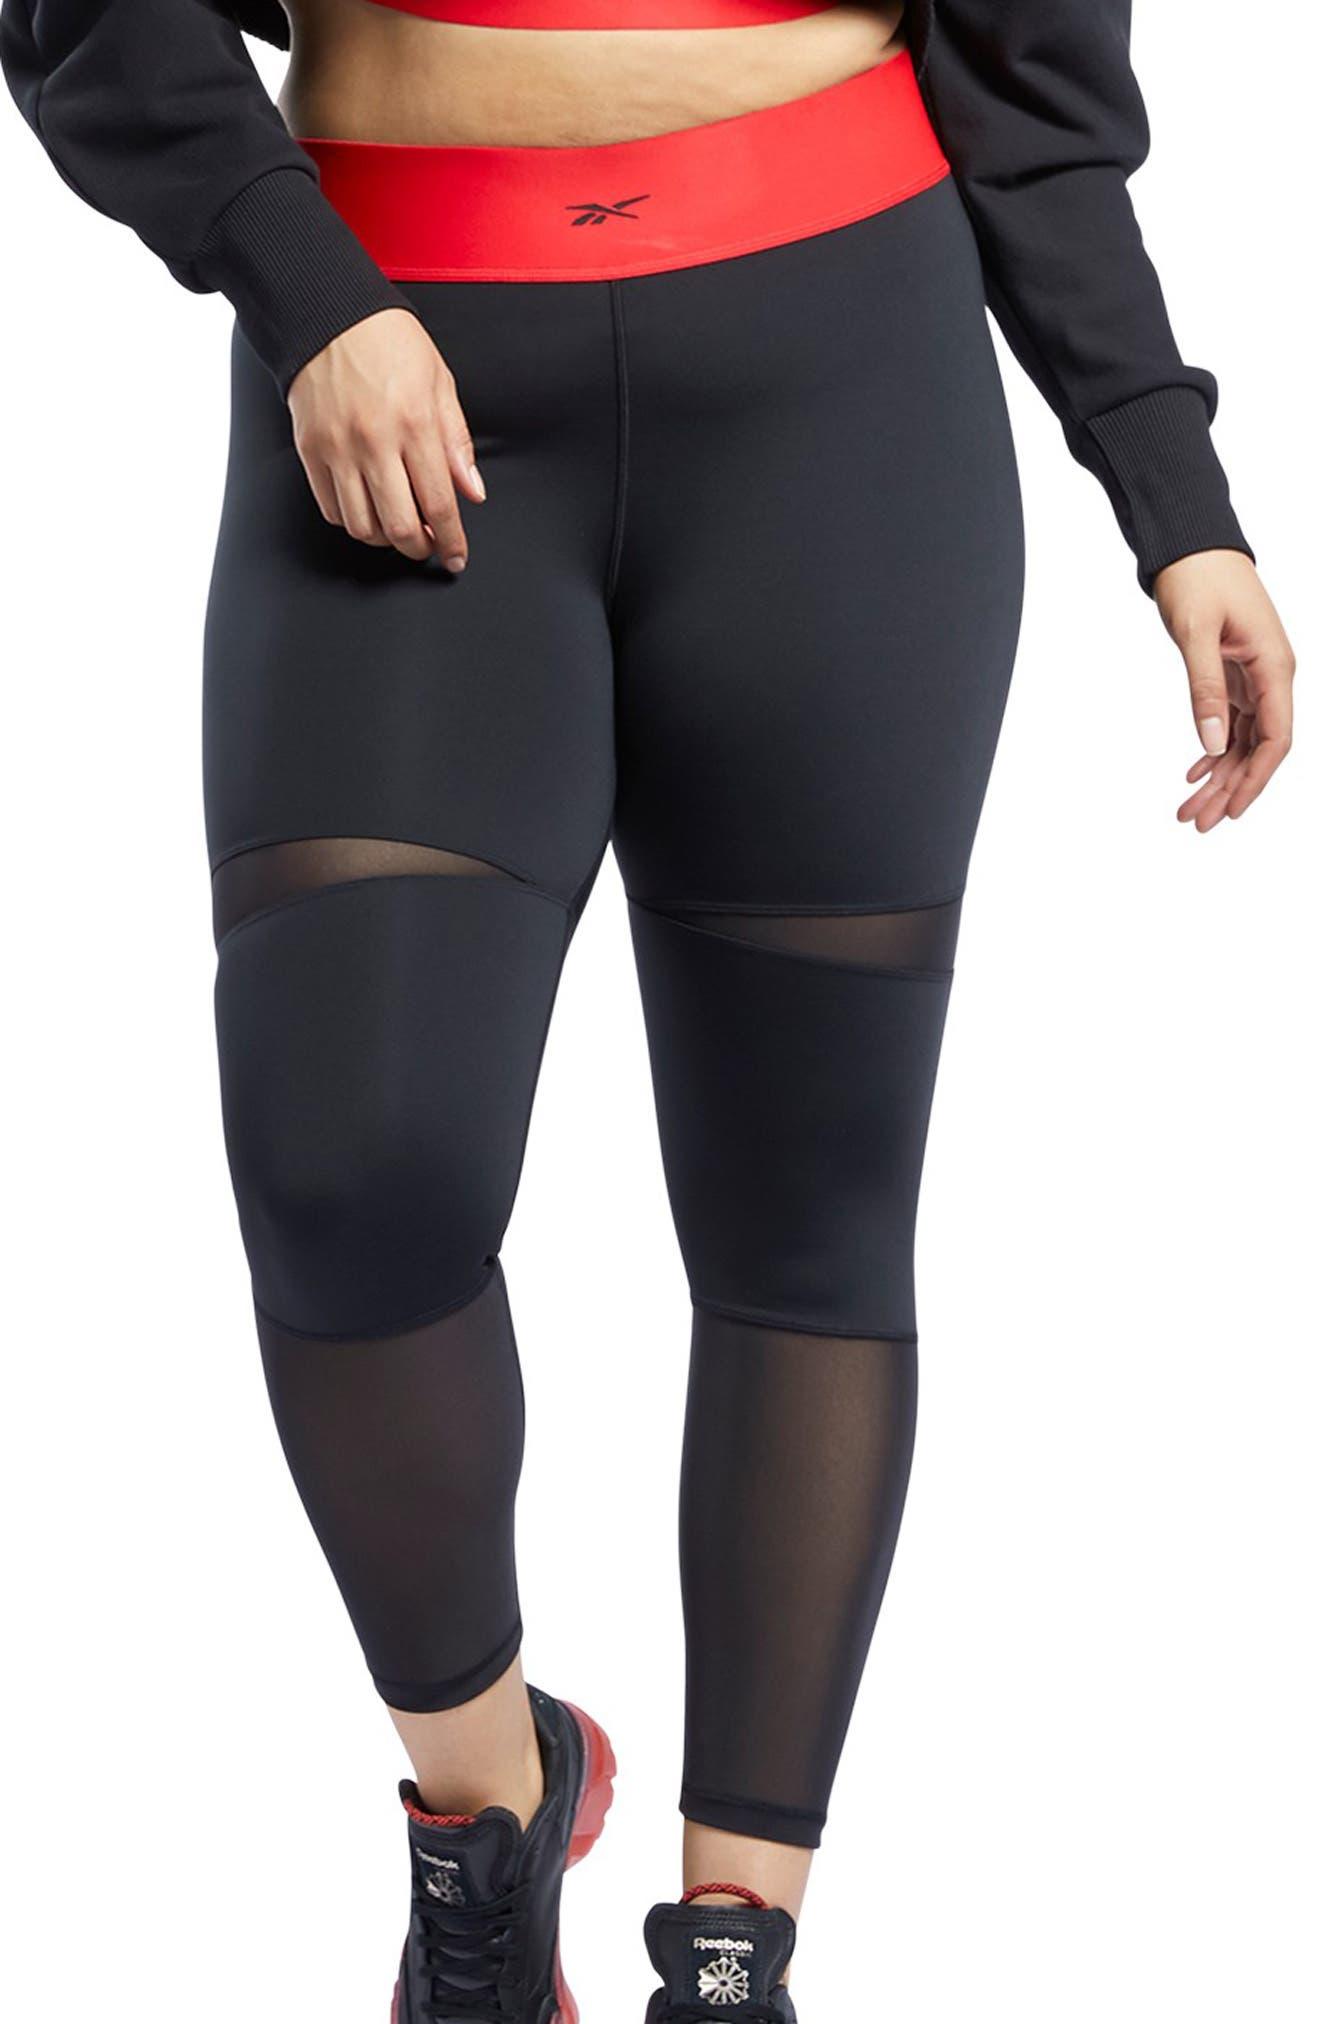 Plus Size Women's Reebok X Cardi B 7/8 Leggings